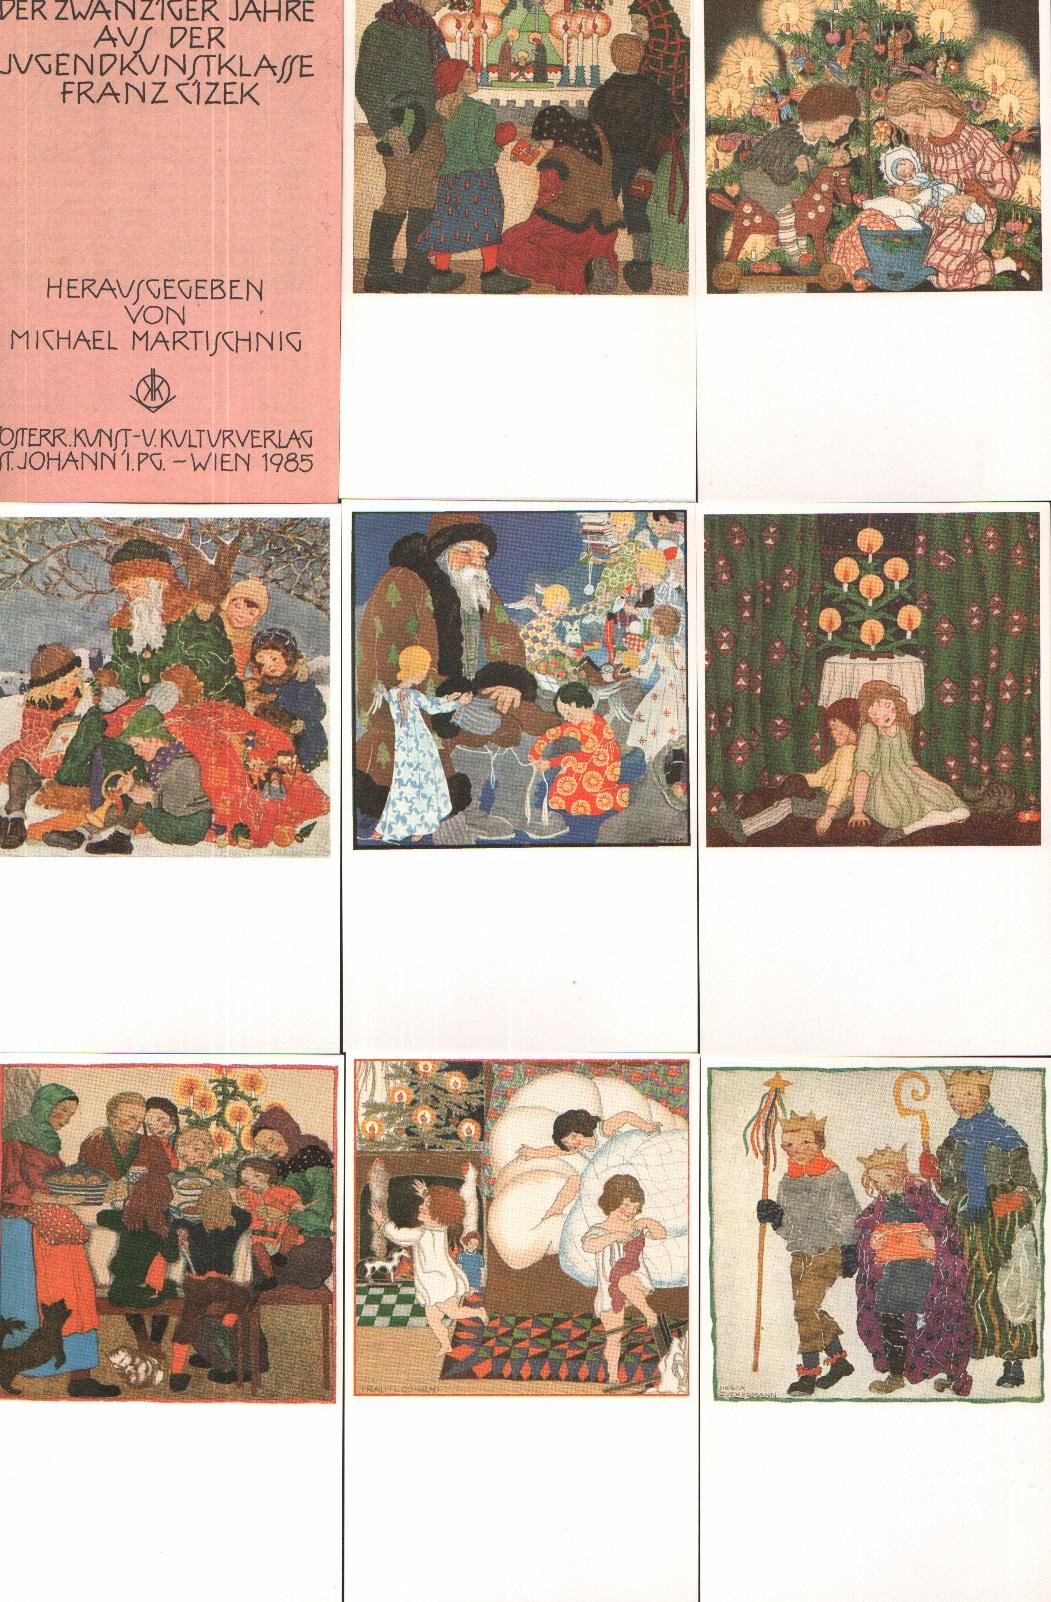 Wunschkarten der zwanziger Jahre aus der Jugendkunstklasse Franz Cizek